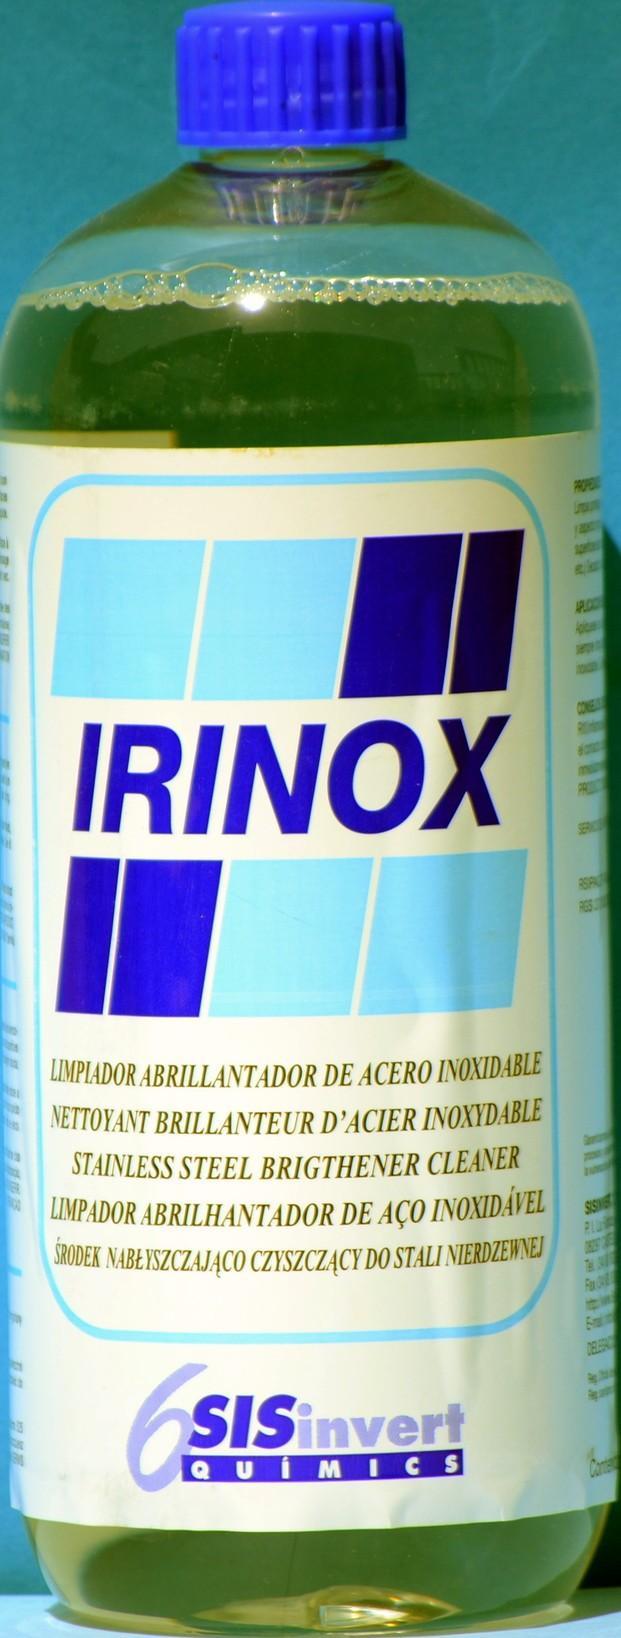 Limpiador Acero Inox. Limpiador-abrillantador de superficies en acero inoxidable